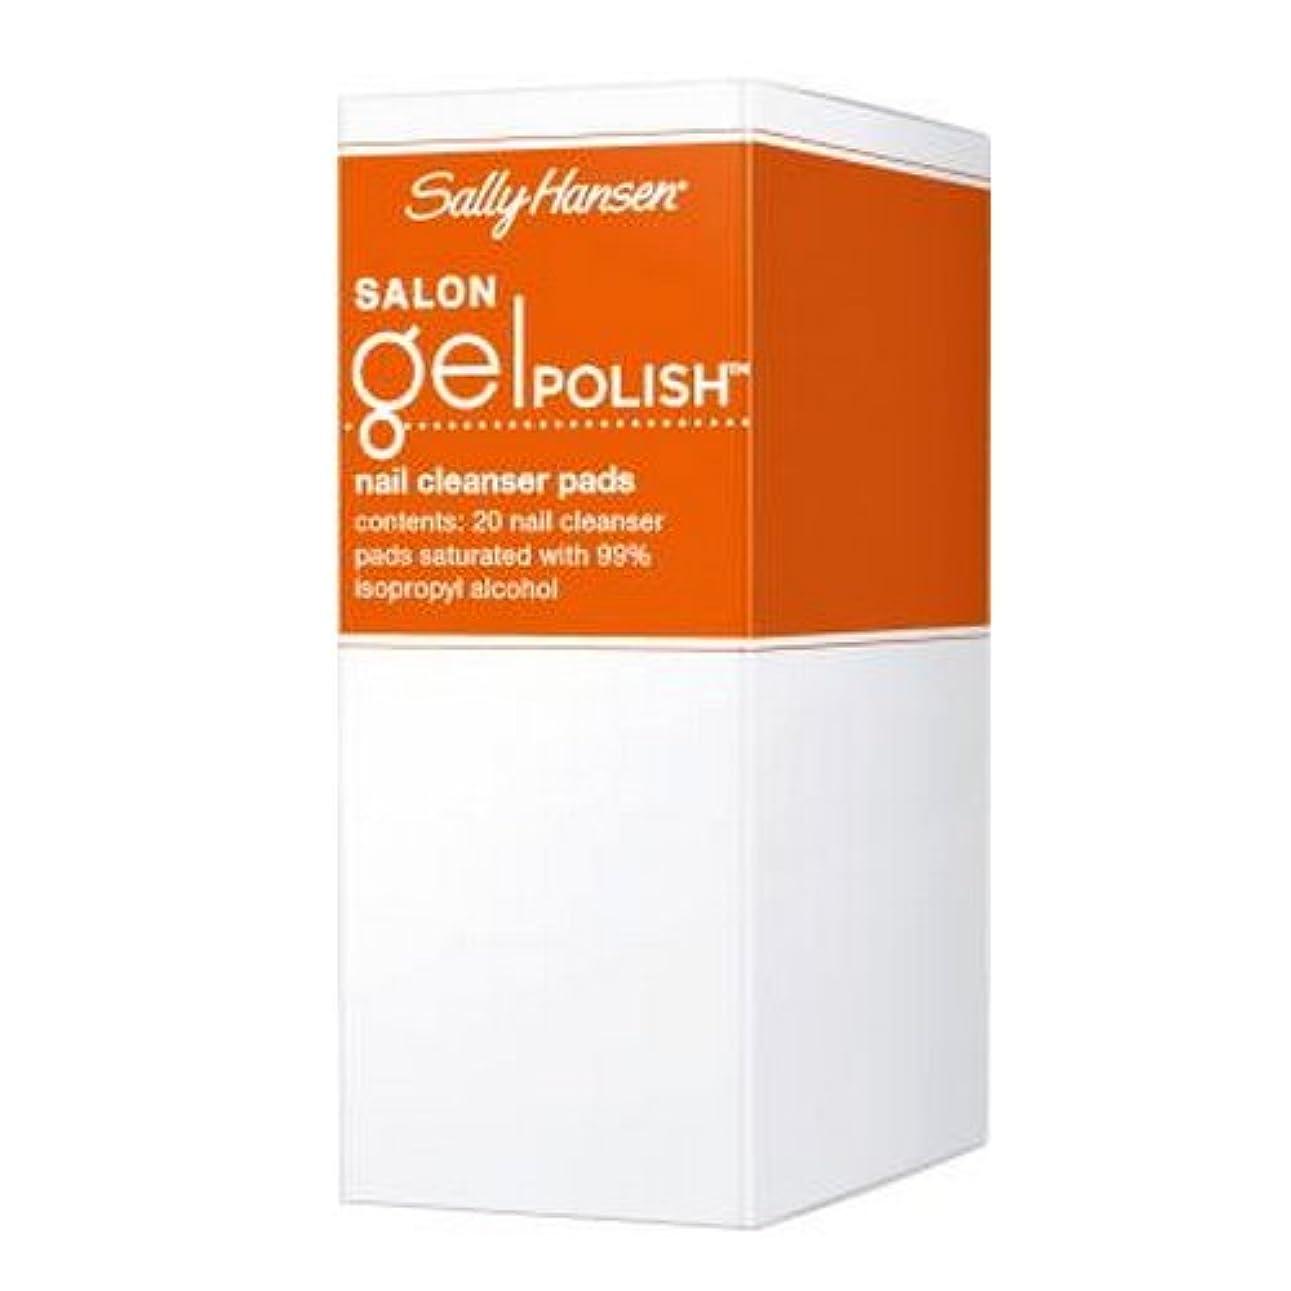 必要としている耐えられるライド(6 Pack) SALLY HANSEN Salon Gel Polish Nail Cleanser Pads - Gel Polish Cleanser Pads (並行輸入品)